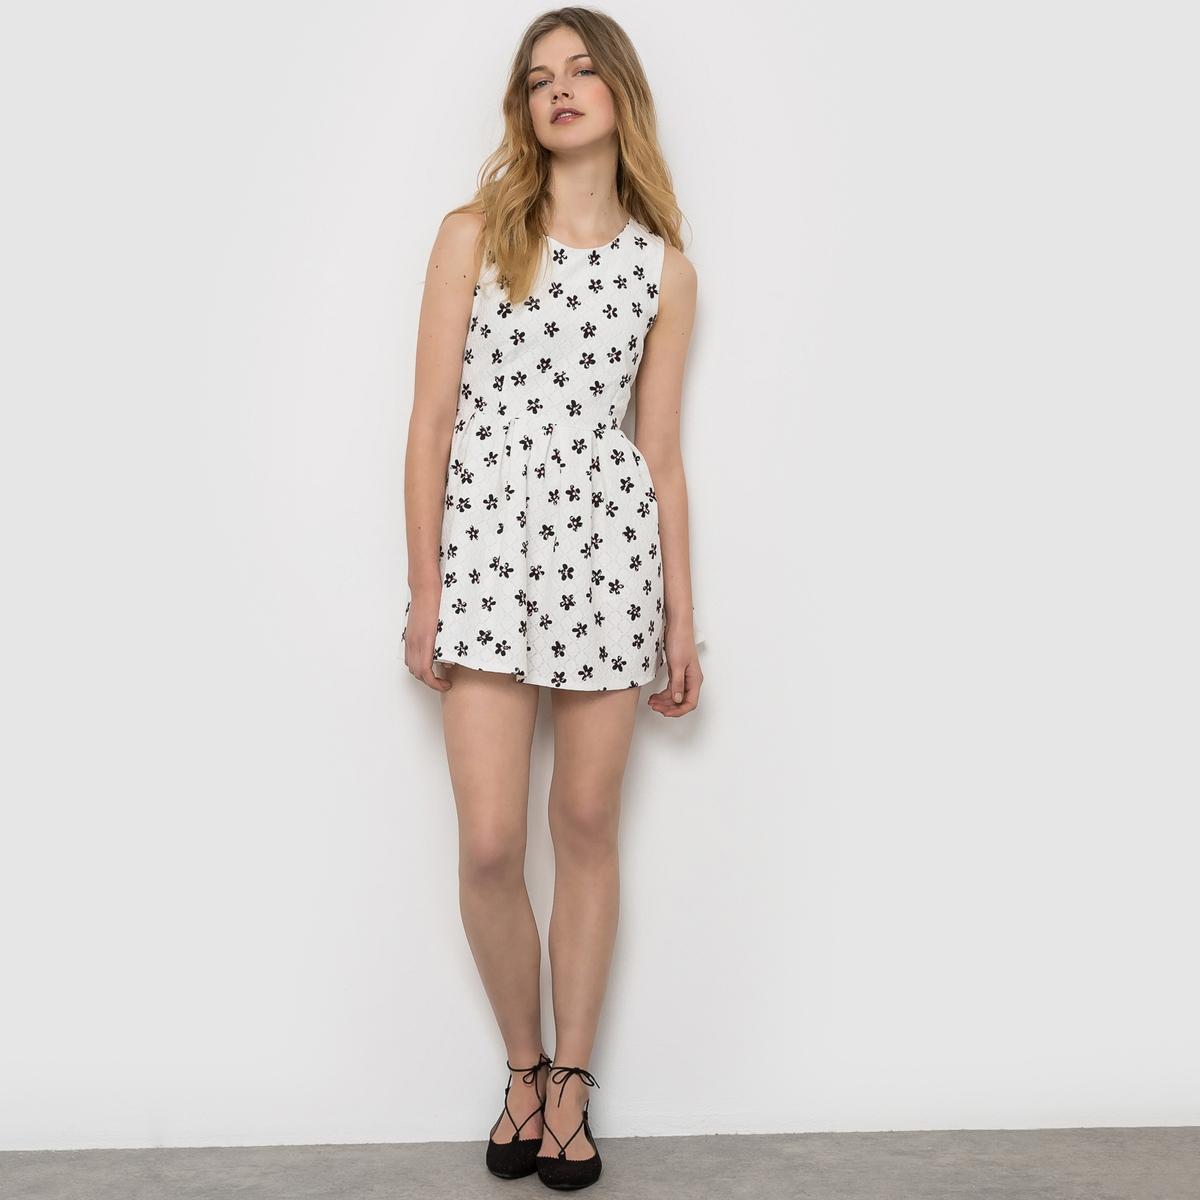 Платье с короткими рукавамиСостав и описание      Материал: 100% хлопка     Марка MOLLY BRACKEN<br><br>Цвет: белый/черный<br>Размер: M